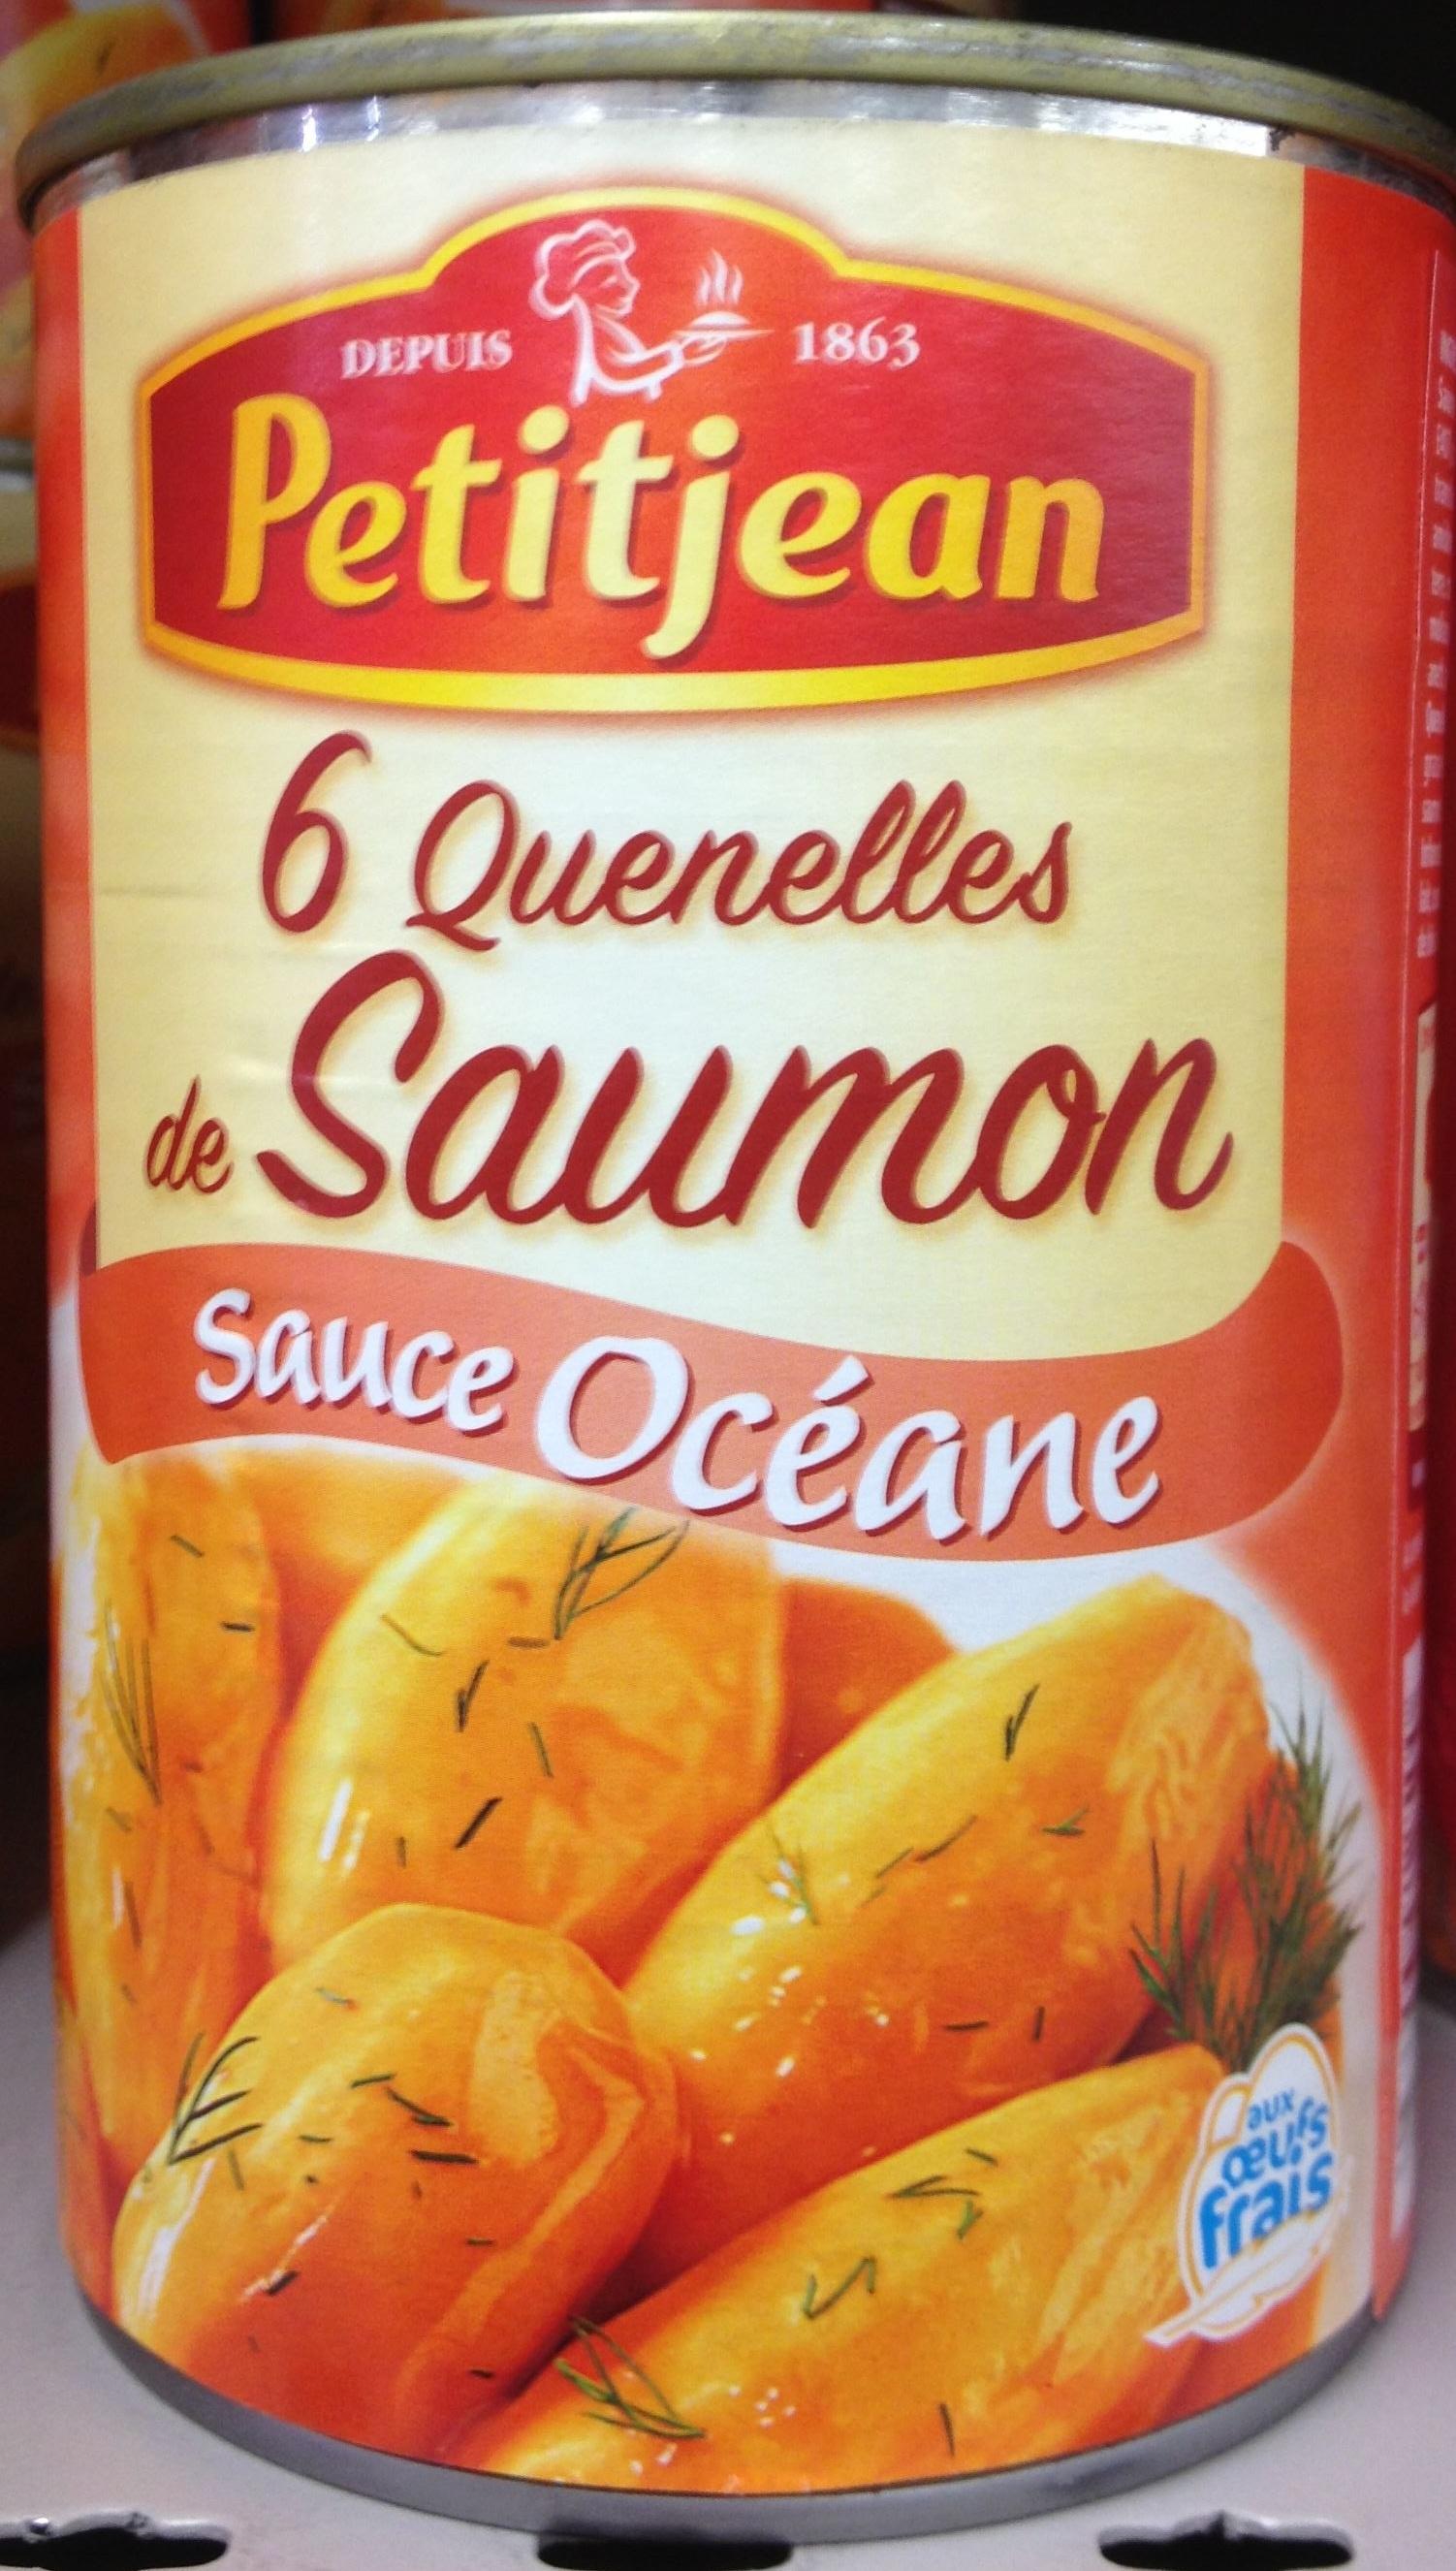 6 Quenelles de Saumon, Sauce Océane - Product - fr